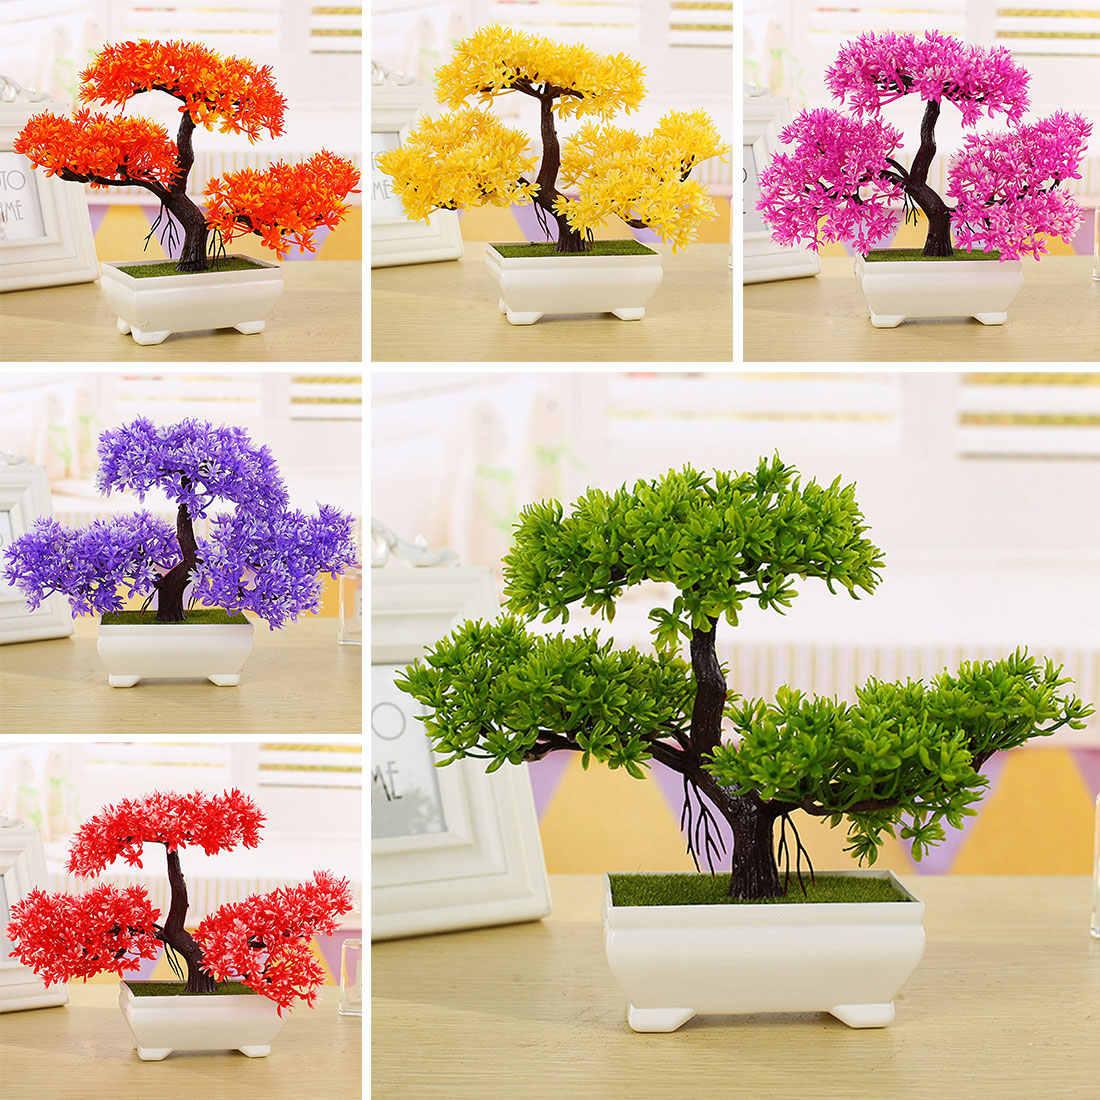 ... Dekorasi rumah 1 PC Menyambut Pinus Bonsai Simulasi Dekorasi bunga dan  Karangan Bunga Buatan Pot Tanaman cc9ce5c680